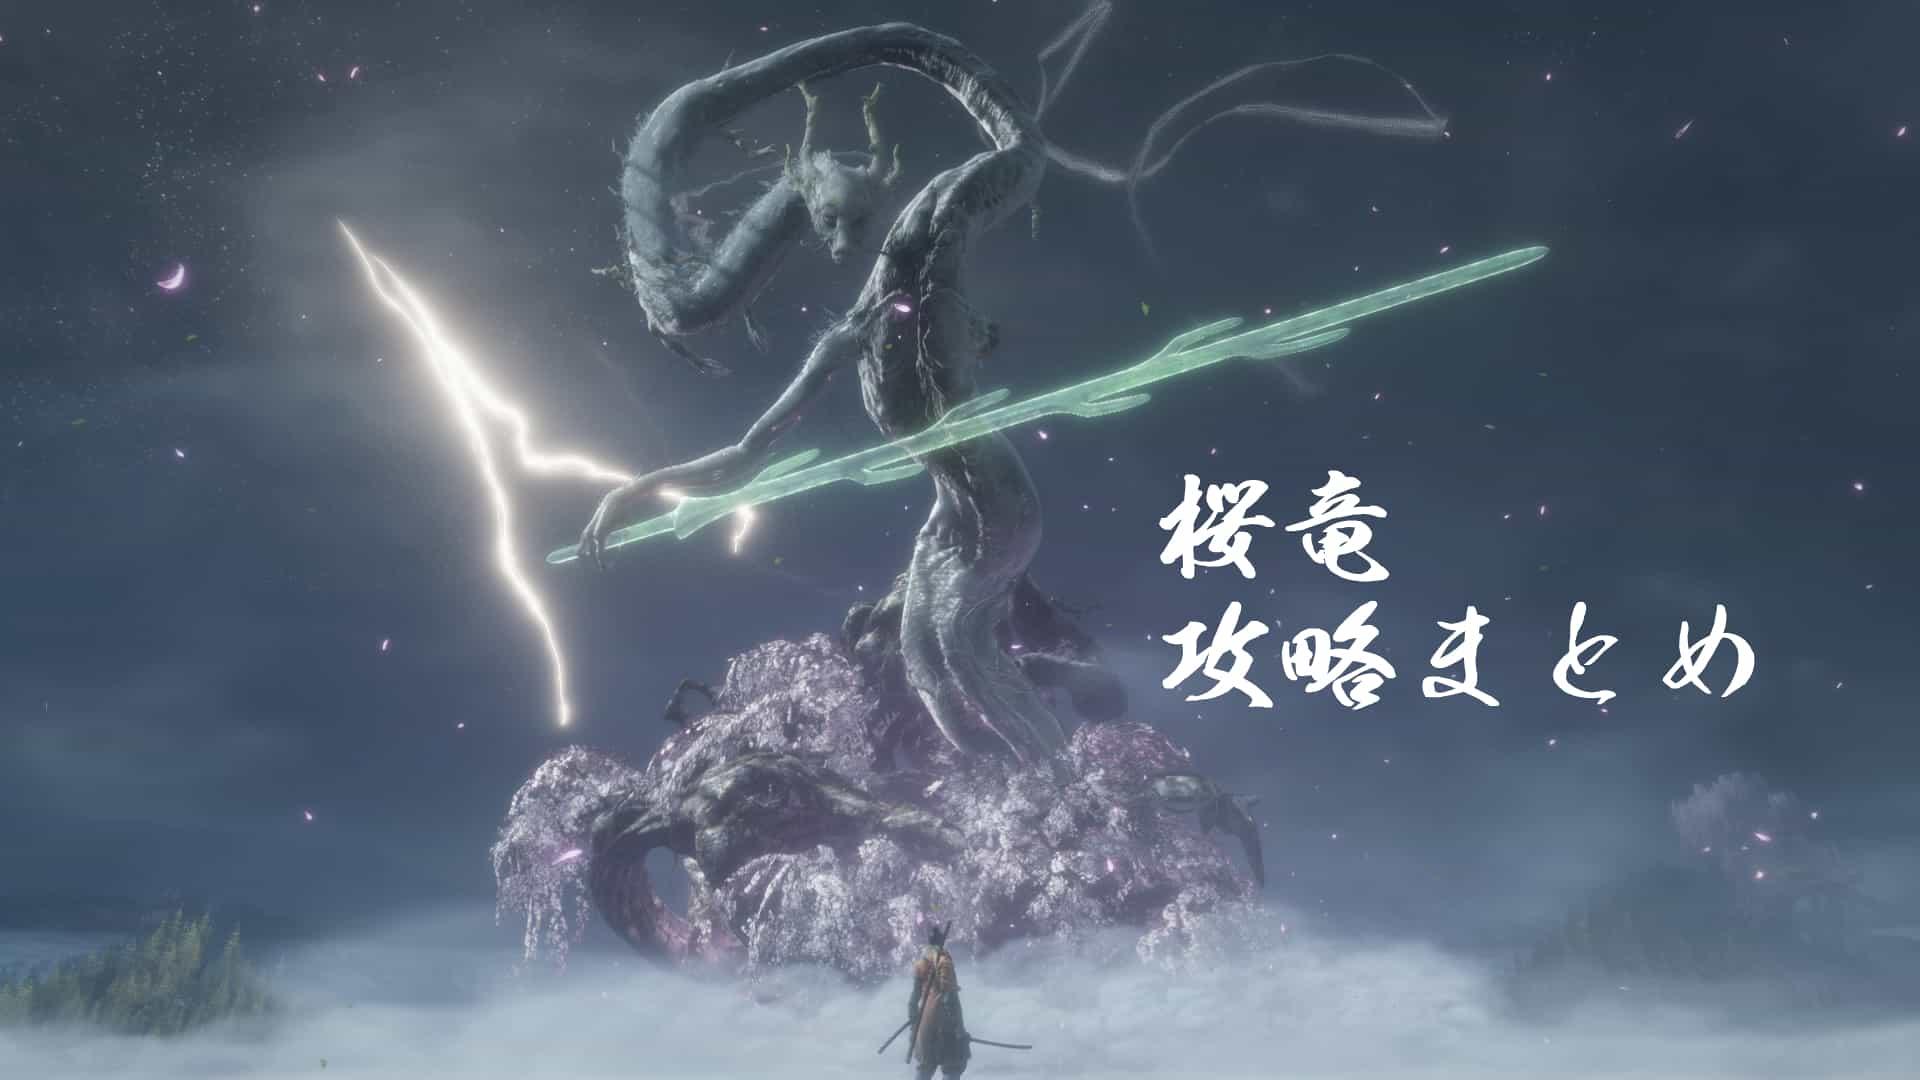 桜竜サムネ